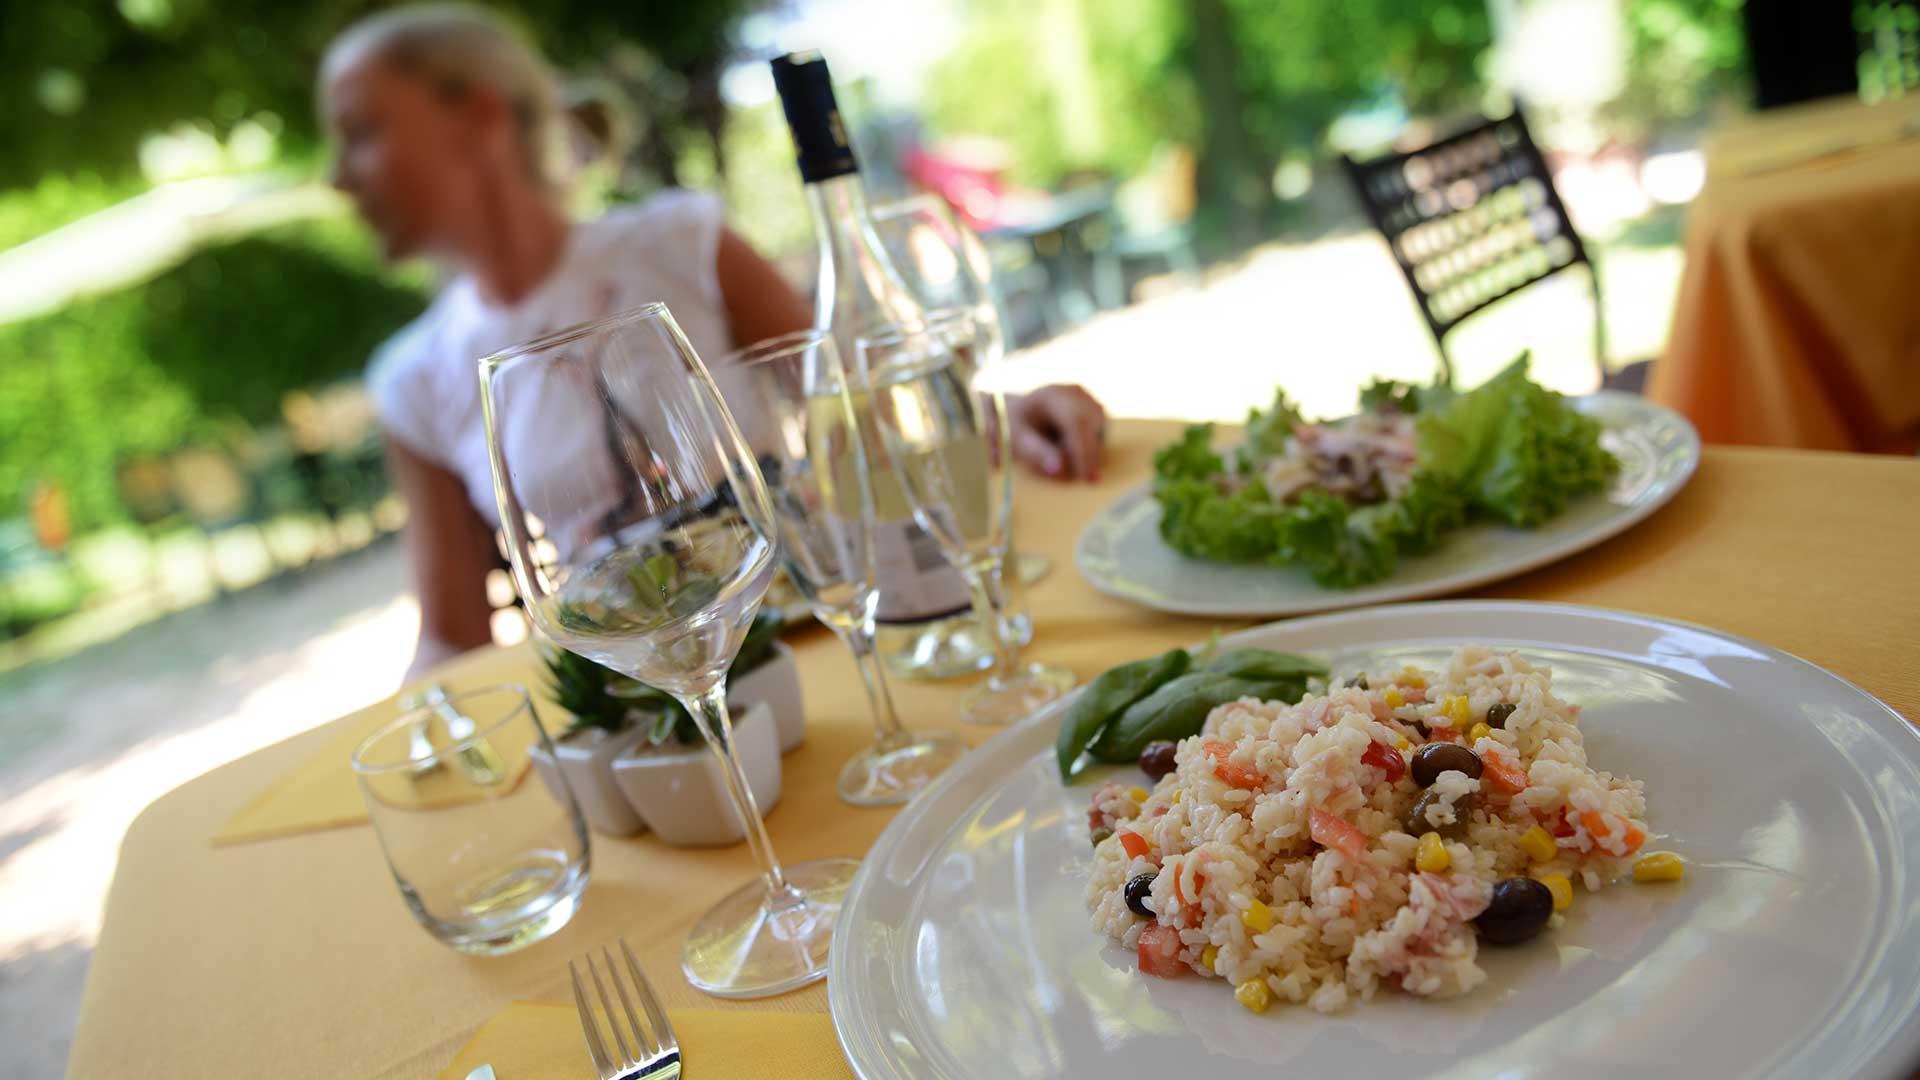 Foto offerta Sconto sulla cena al Rustichetto bed and breakfast locanda francigena lucca